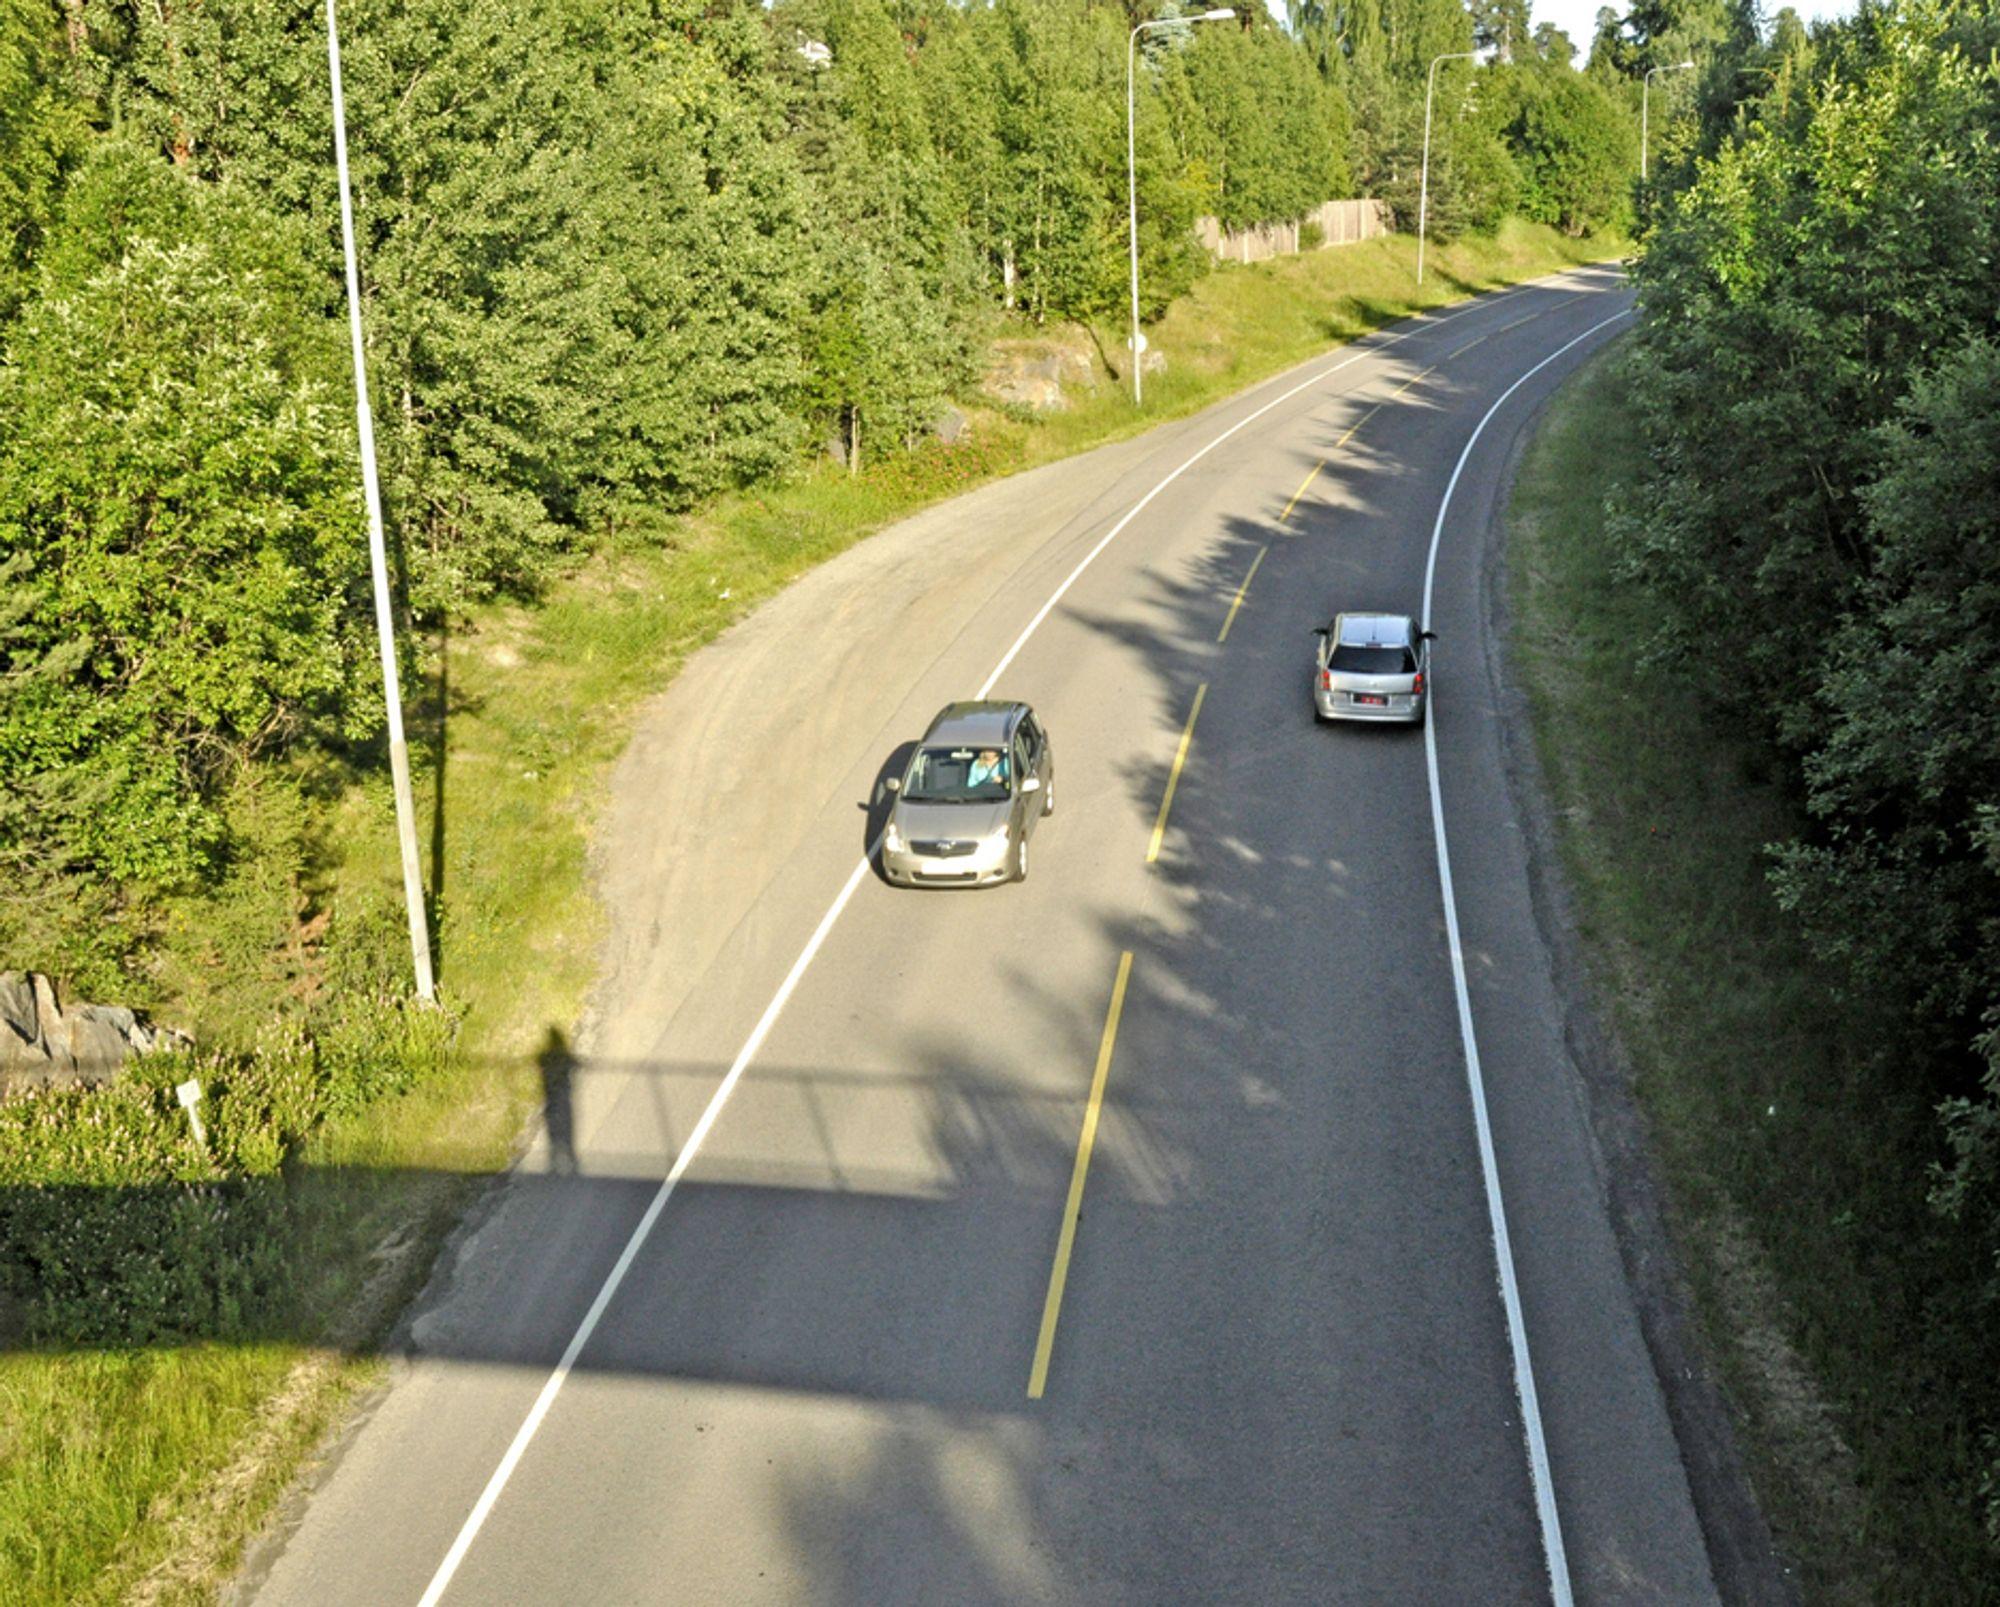 Gang/sykkelvegen skal gå til venstre på bildet. Hvis ingen klage fører fram, blir den anlagt av Åge Haverstad fra Harpefoss i Sør-Fron i Gudbrandsdalen.